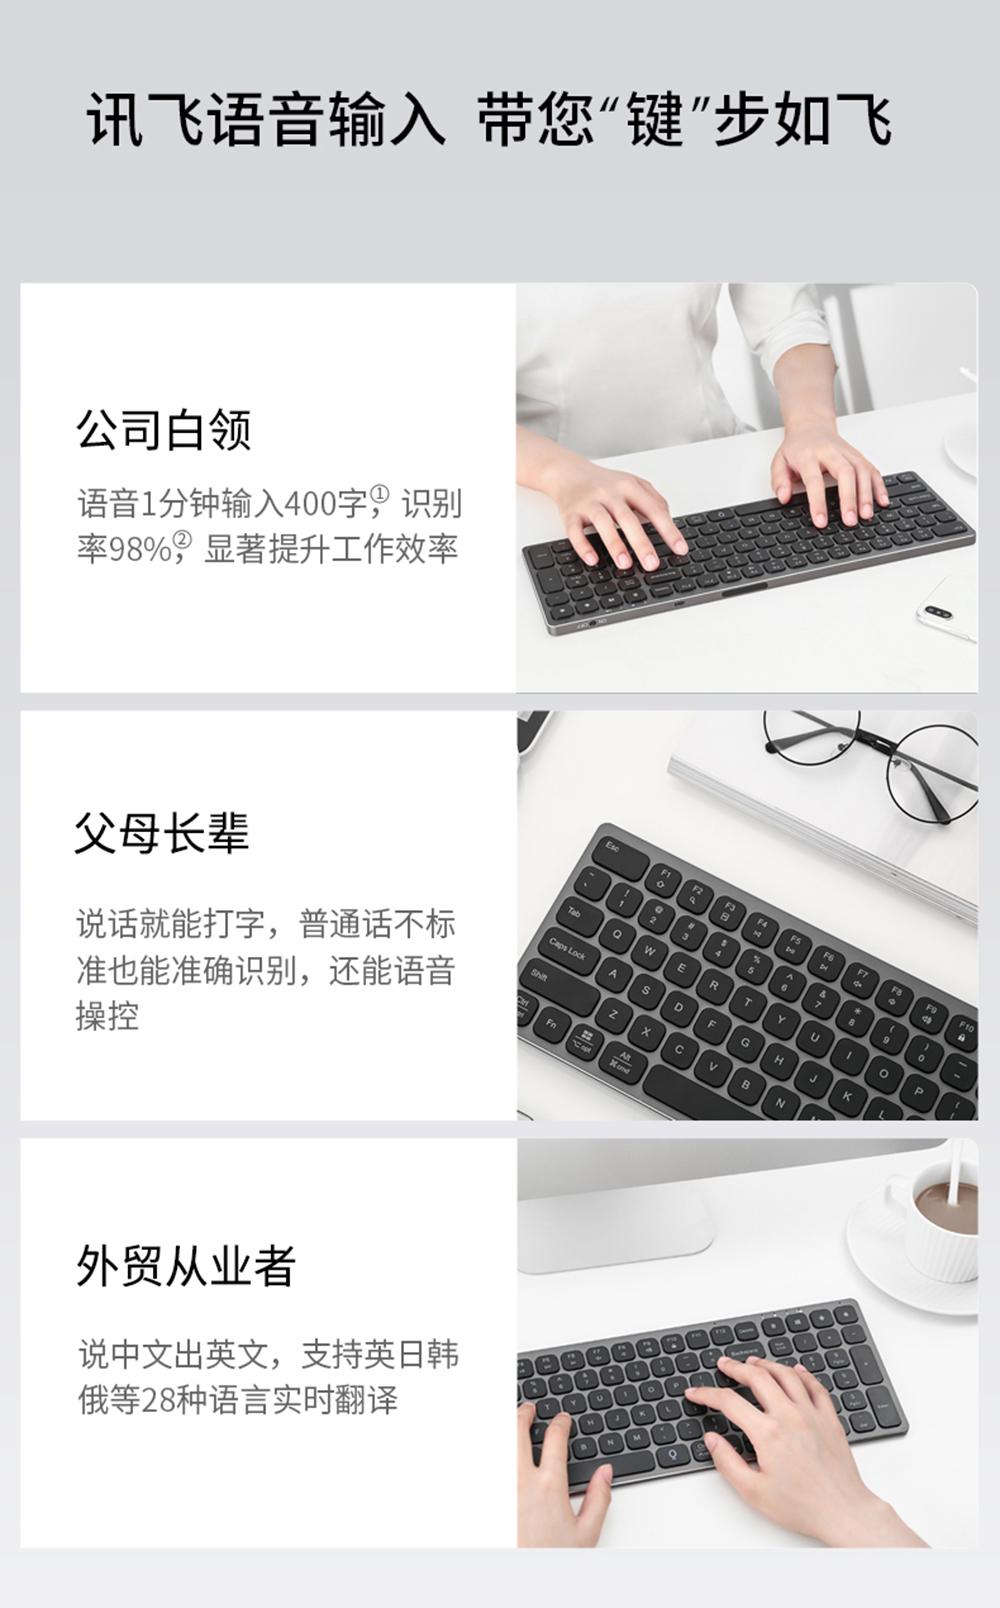 讯飞智能键盘上线 AI与键盘擦出耀眼火花